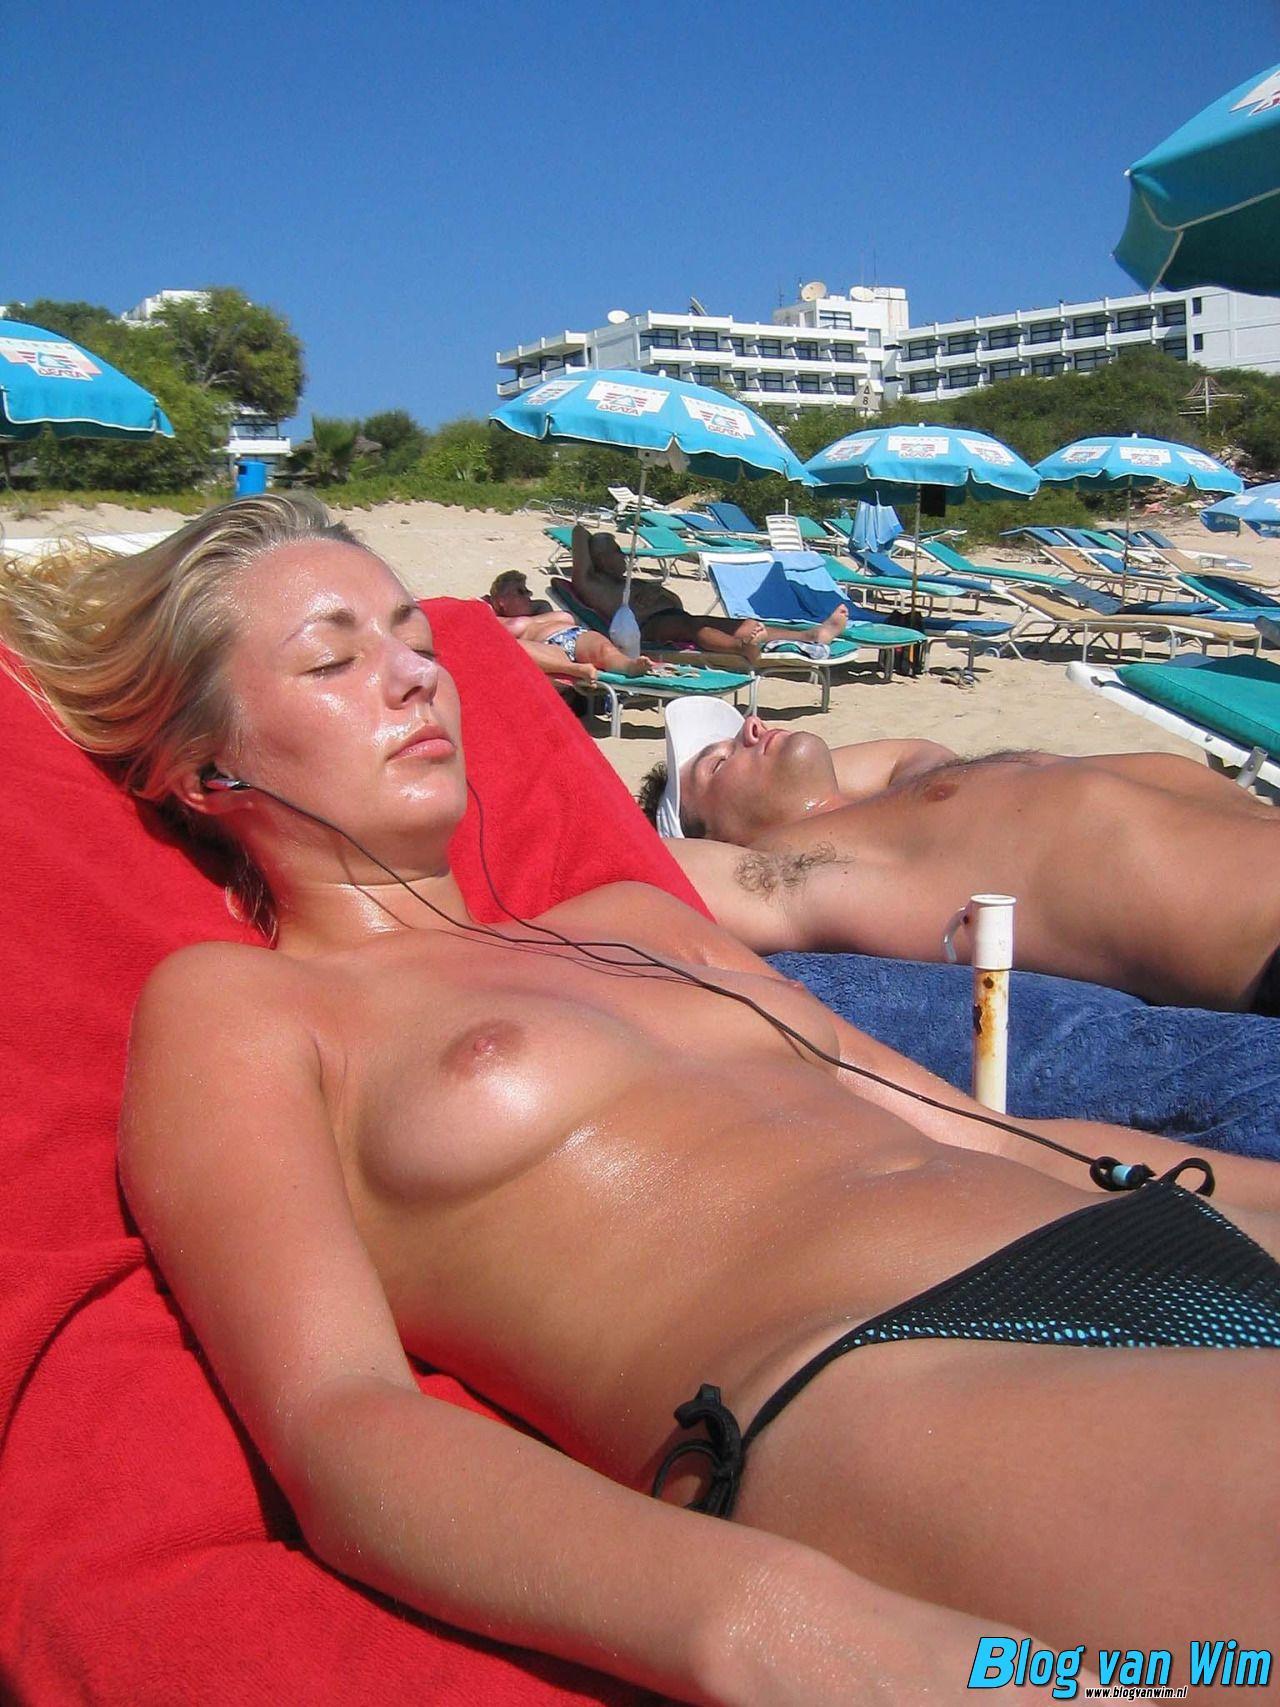 Mooie gebruinde dame is topless aan het zonnen!